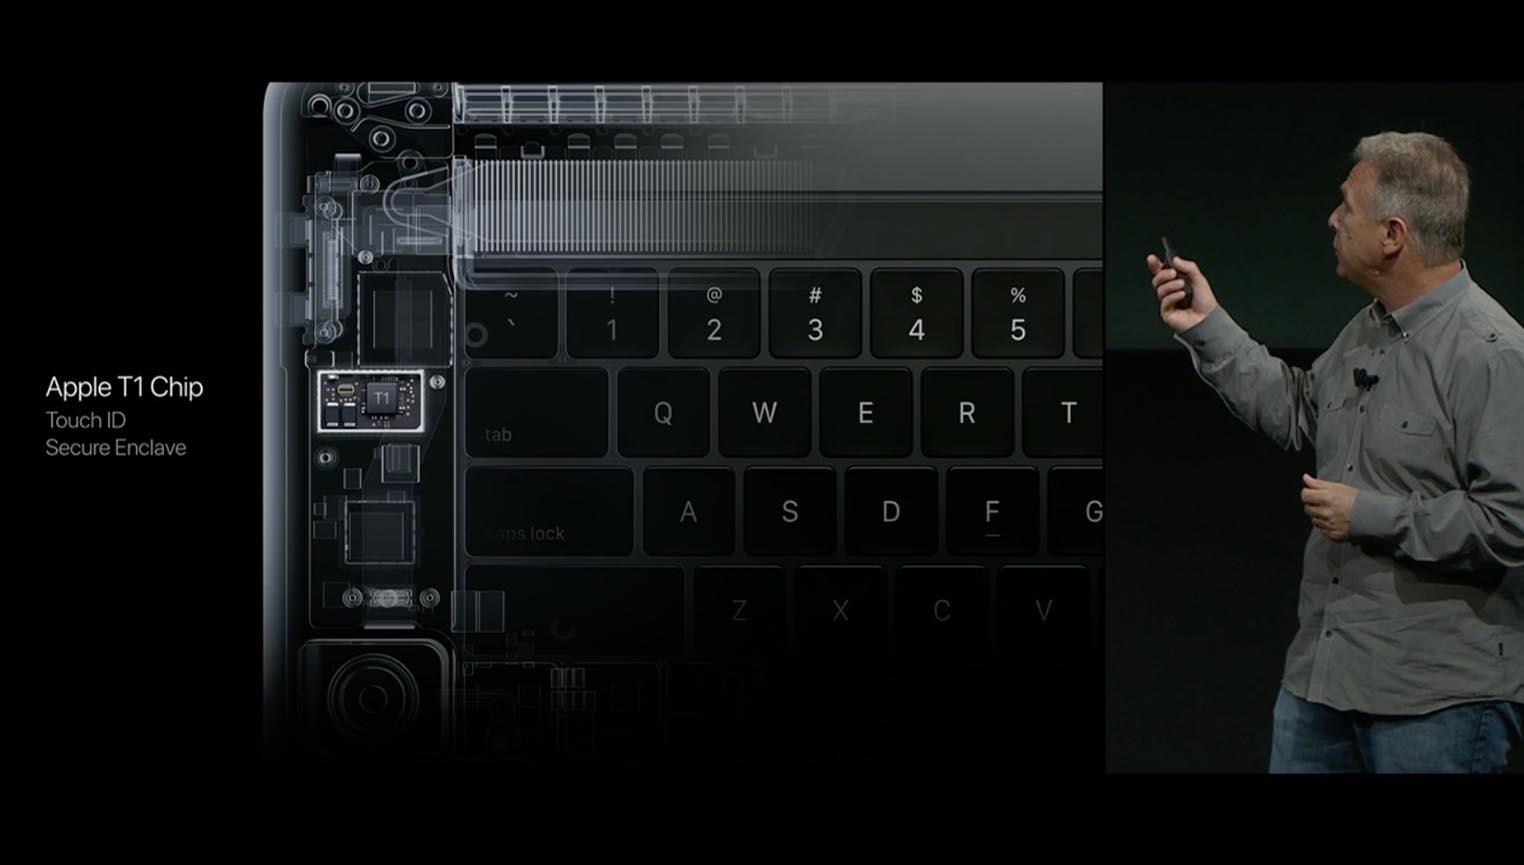 MacBook Pro Apple T1